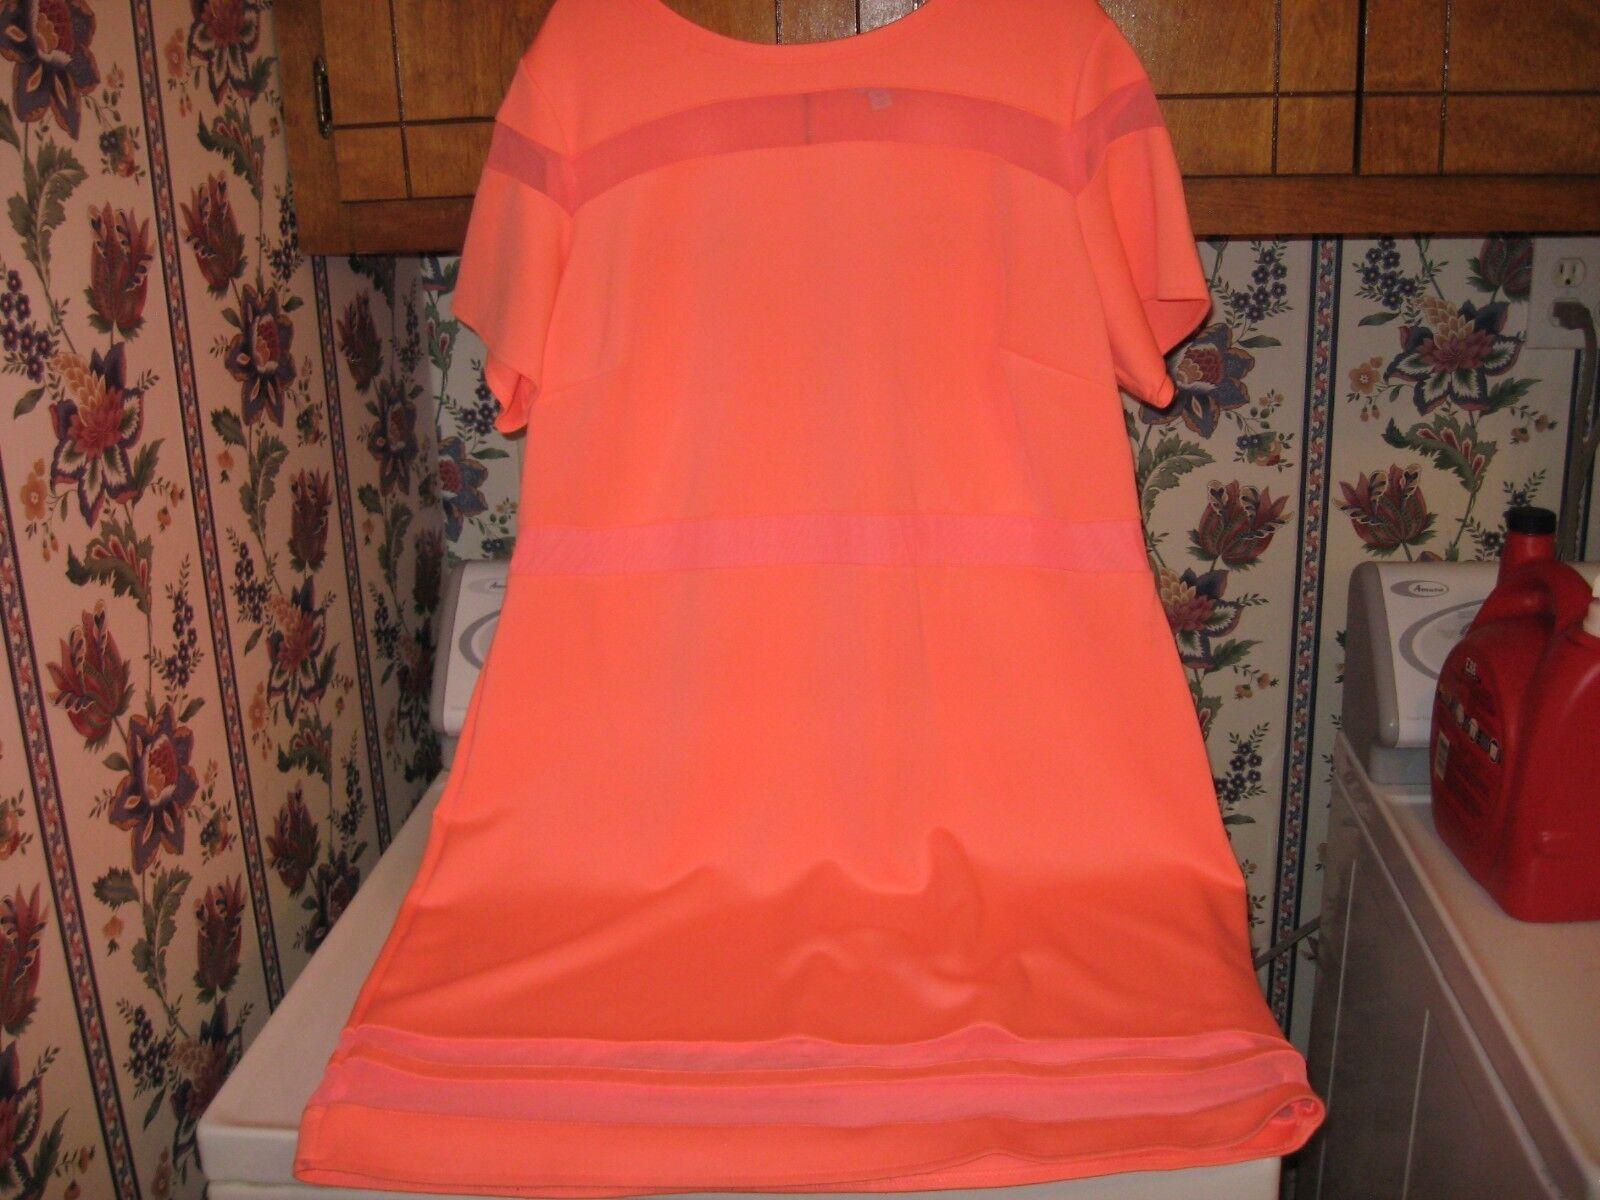 WOMENS DRESS SIZE 3X 24W 22W 20W CORAL orange BODYCON SUMMER DRESS RT. 60.00NEW